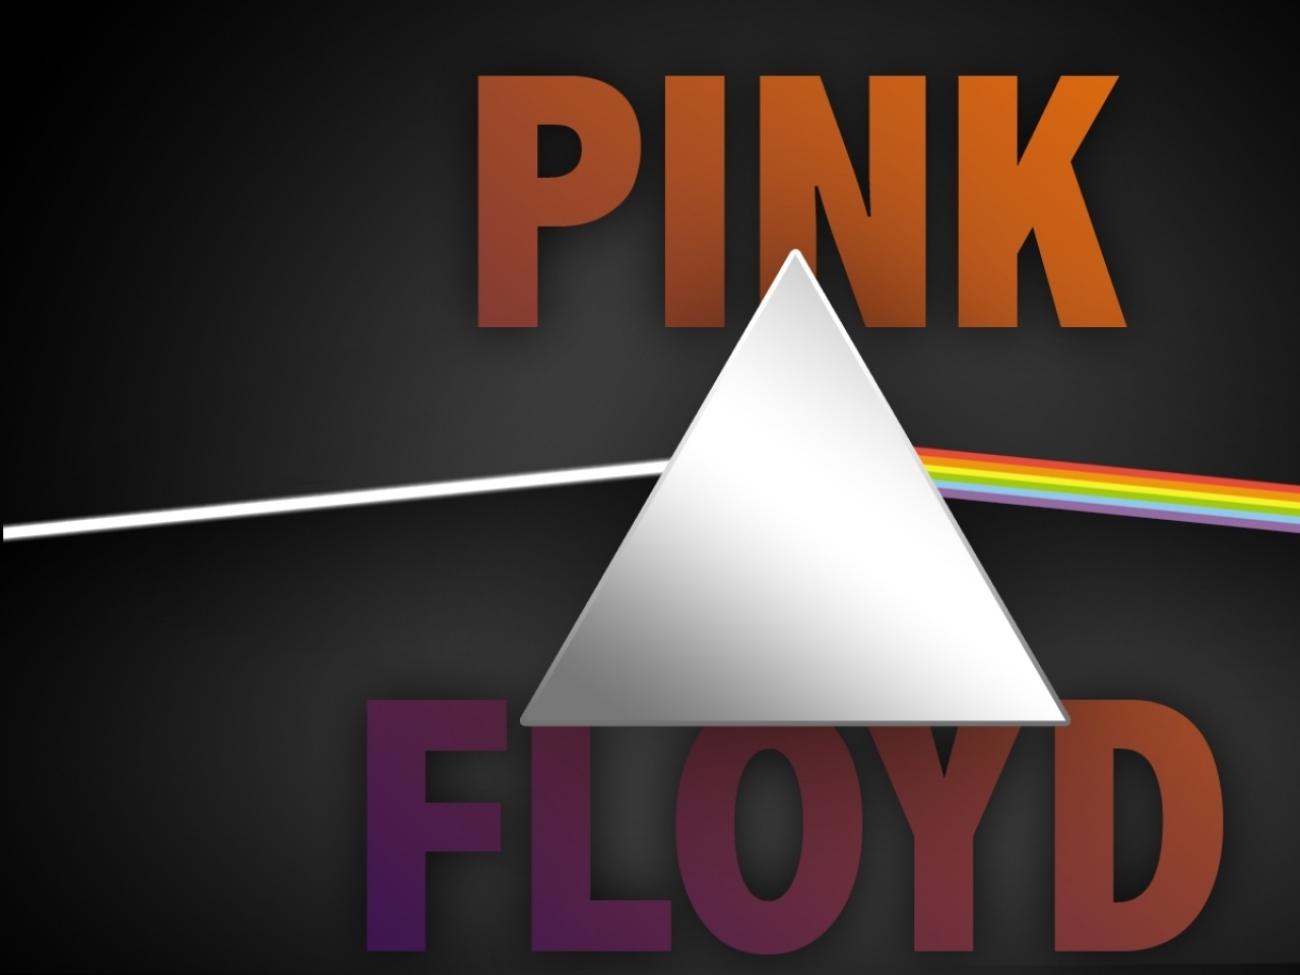 Pink Floyd Hd Wallpaper photos The Legendary Pink Floyd HD Wallpaper 1300x975